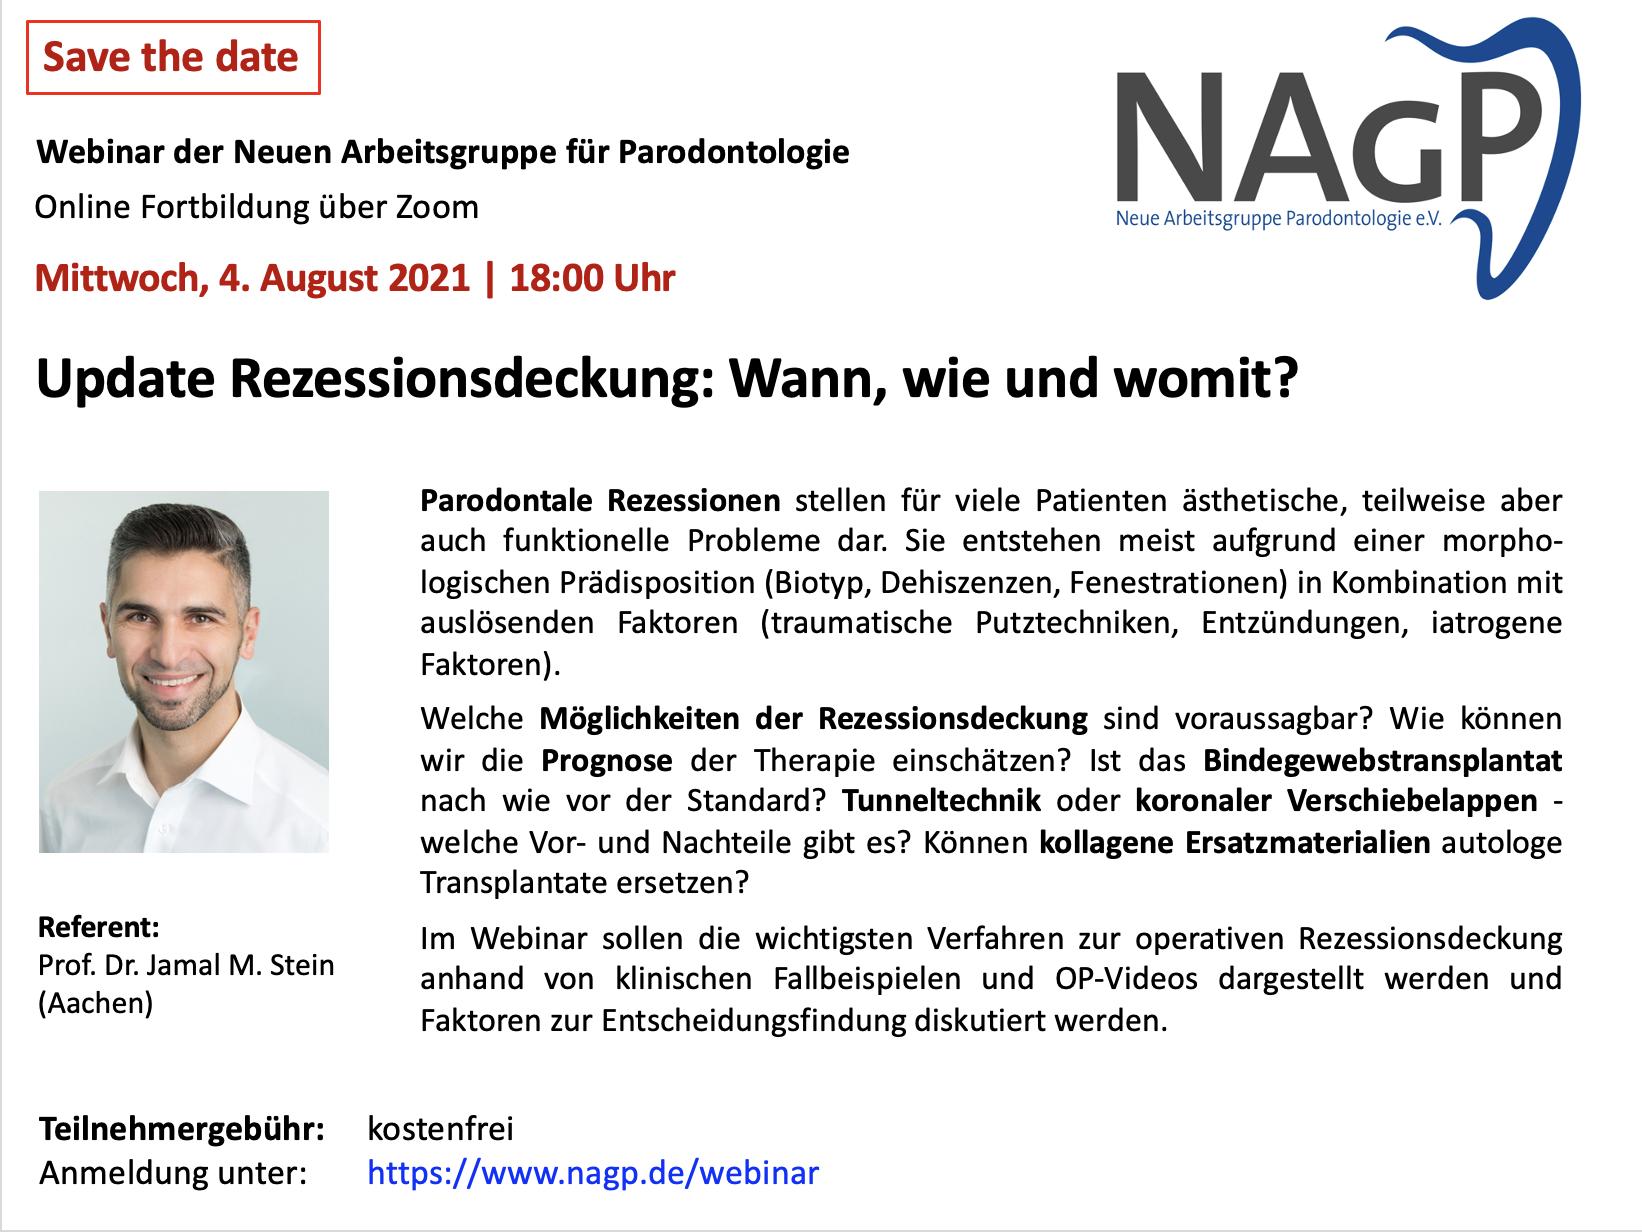 NAGP-Webinar Update Rezessionsdeckung